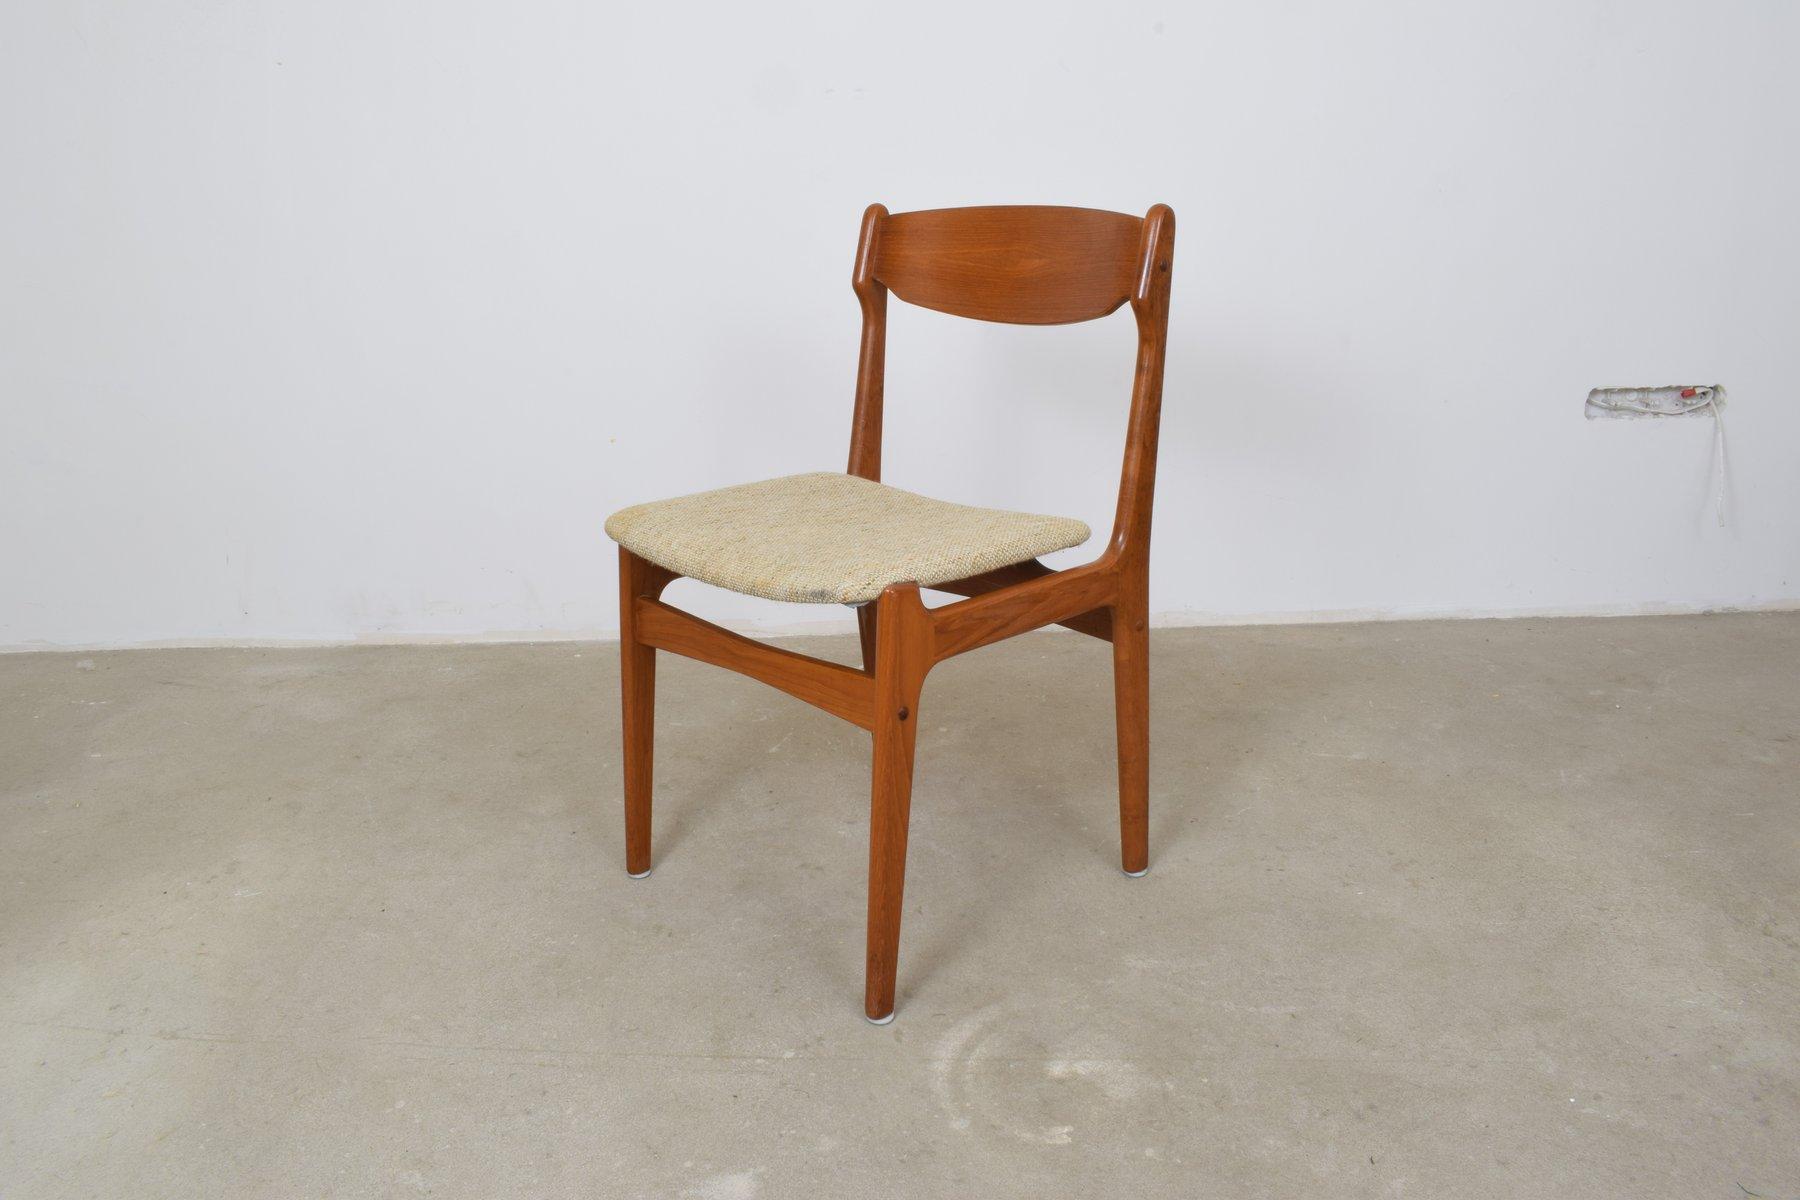 Sedie da pranzo in teak danimarca anni 60 set di 4 in vendita su